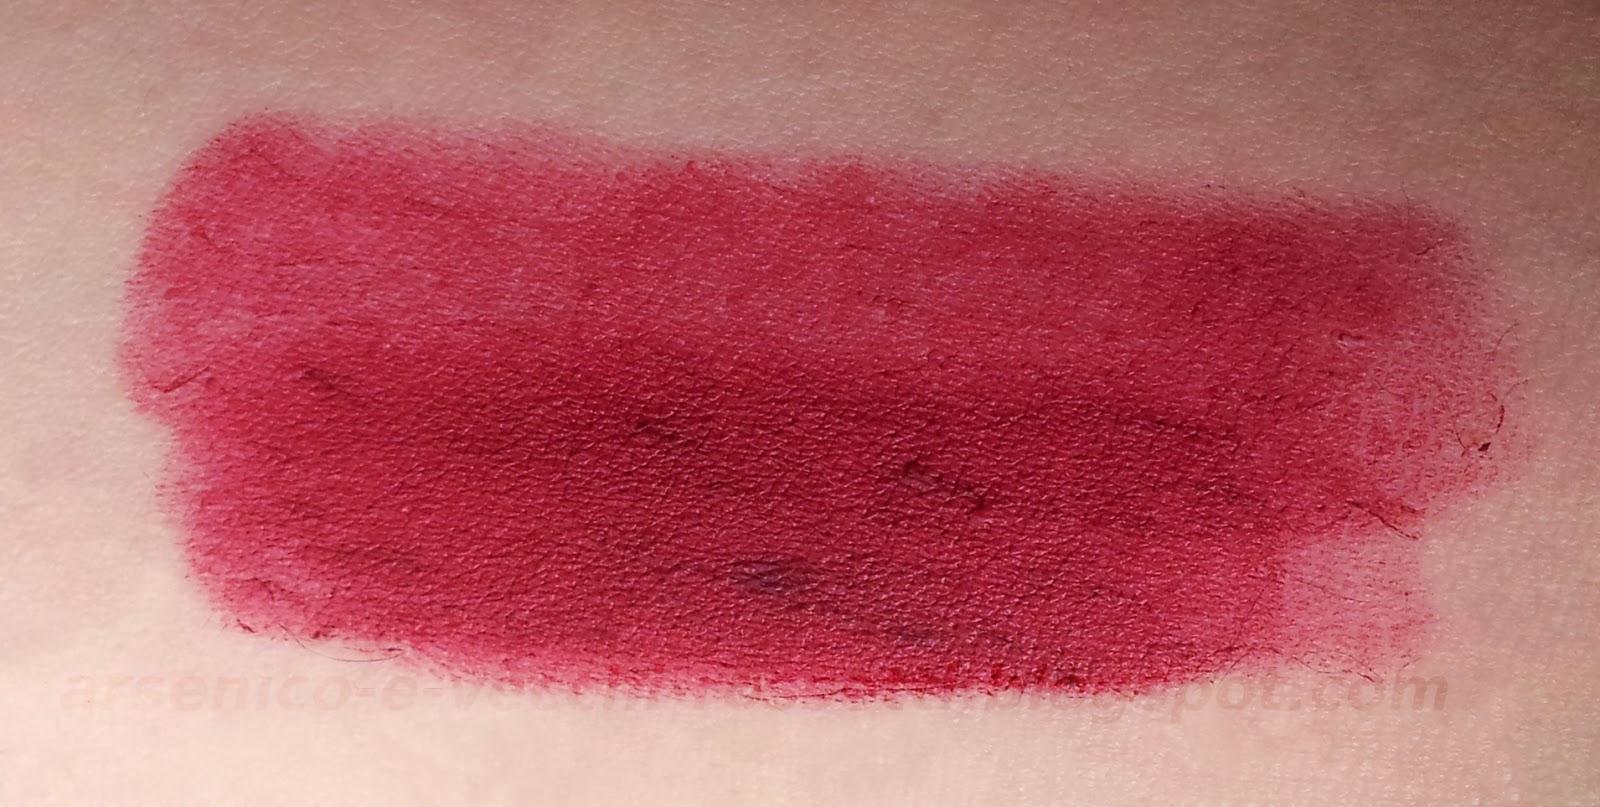 Chanel rossetto Rouge Allure Velvet #327 La Désirée swatch